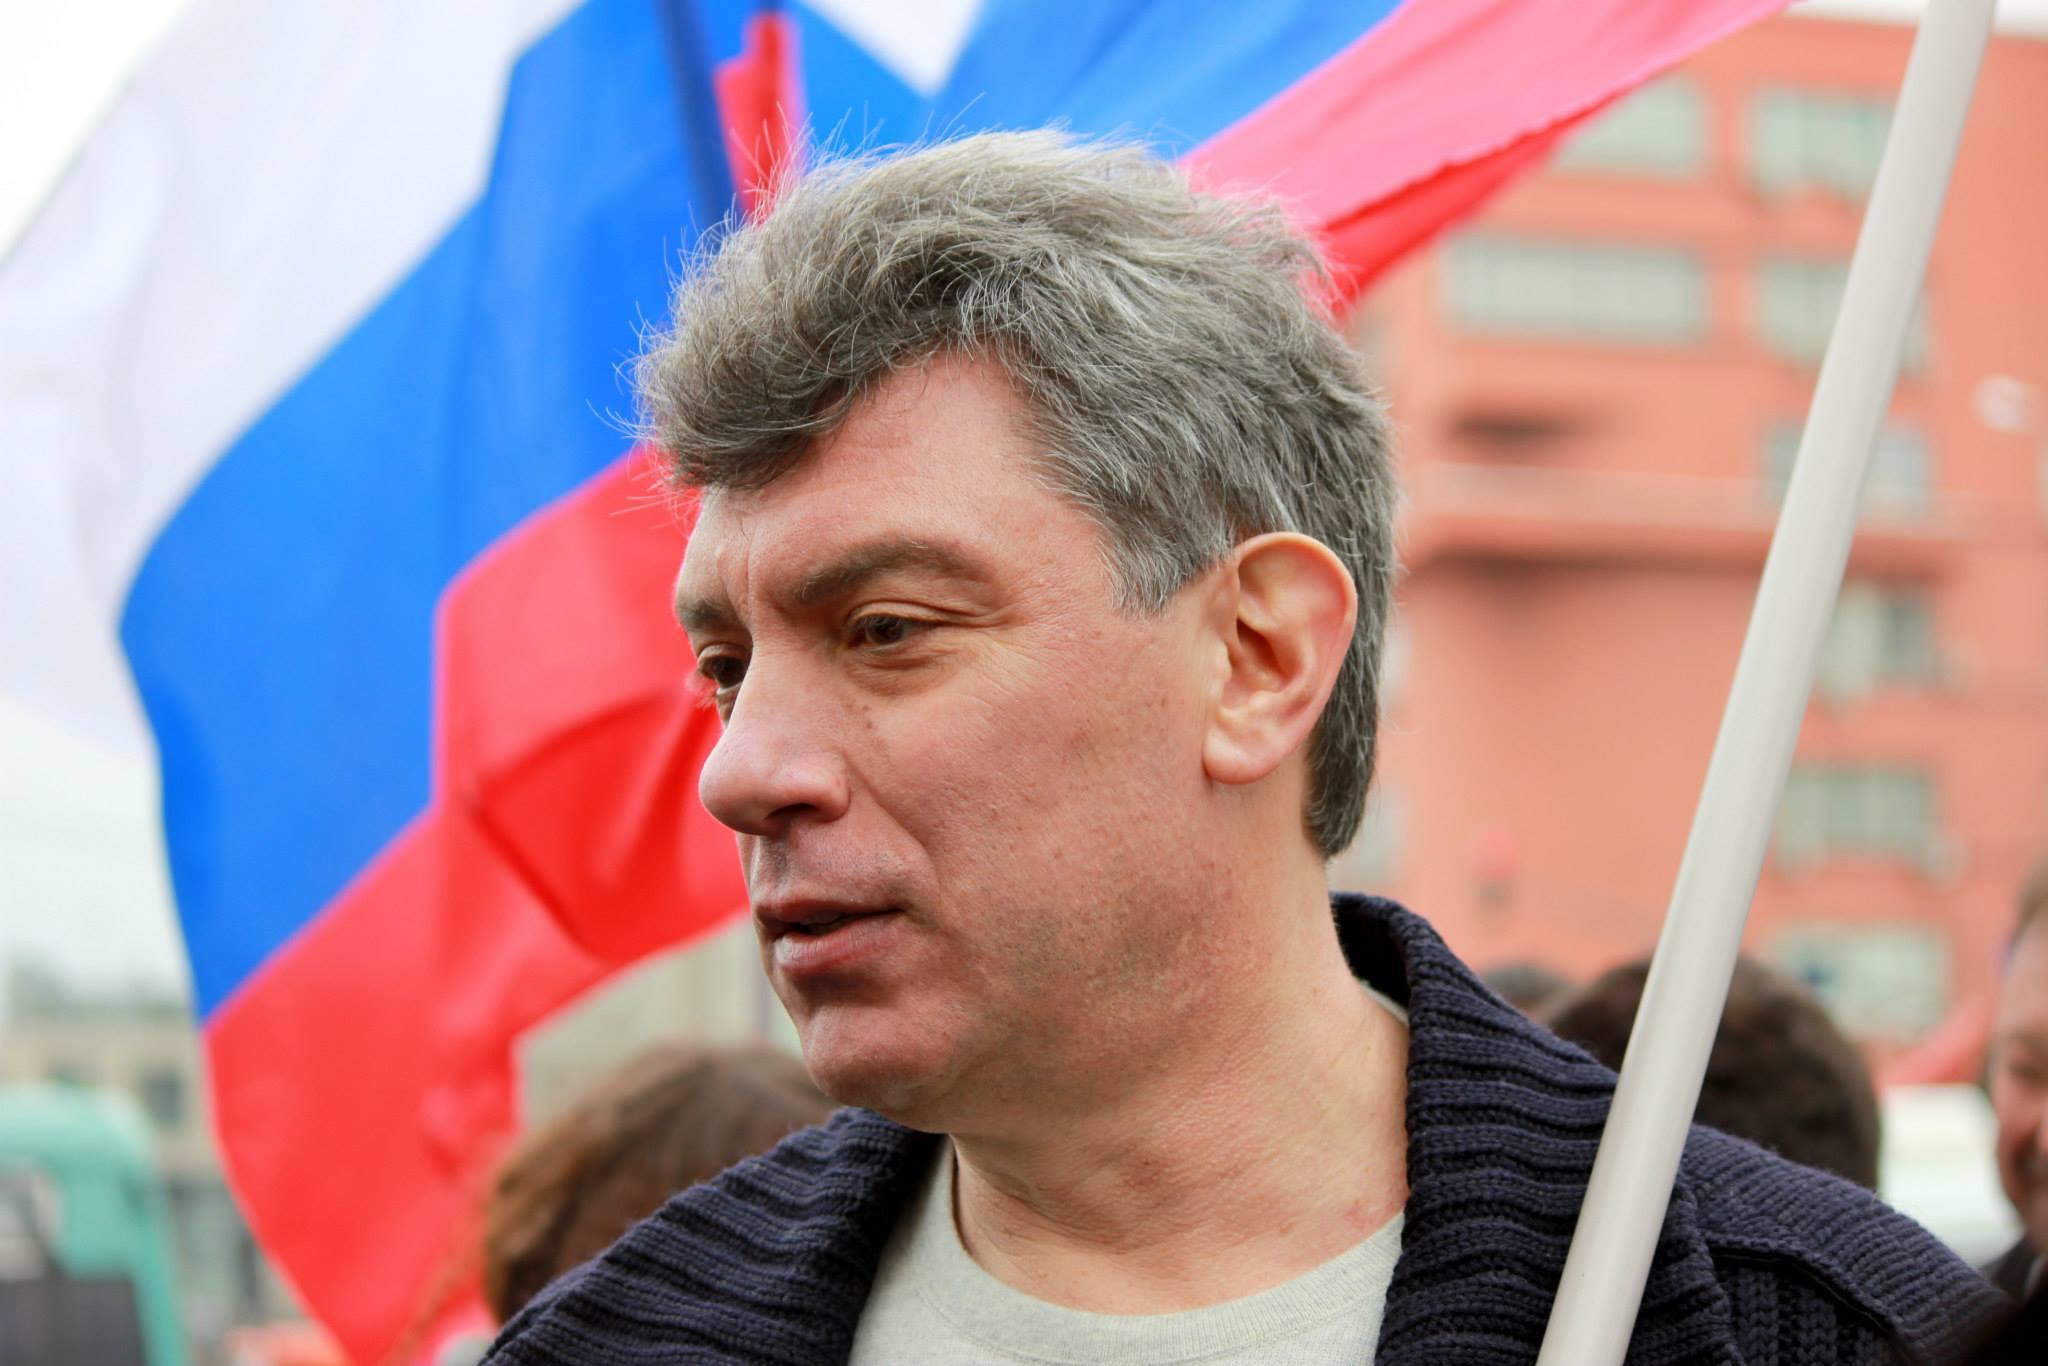 Убитый оппозиционер Борис Немцов. Фото: focus.ua